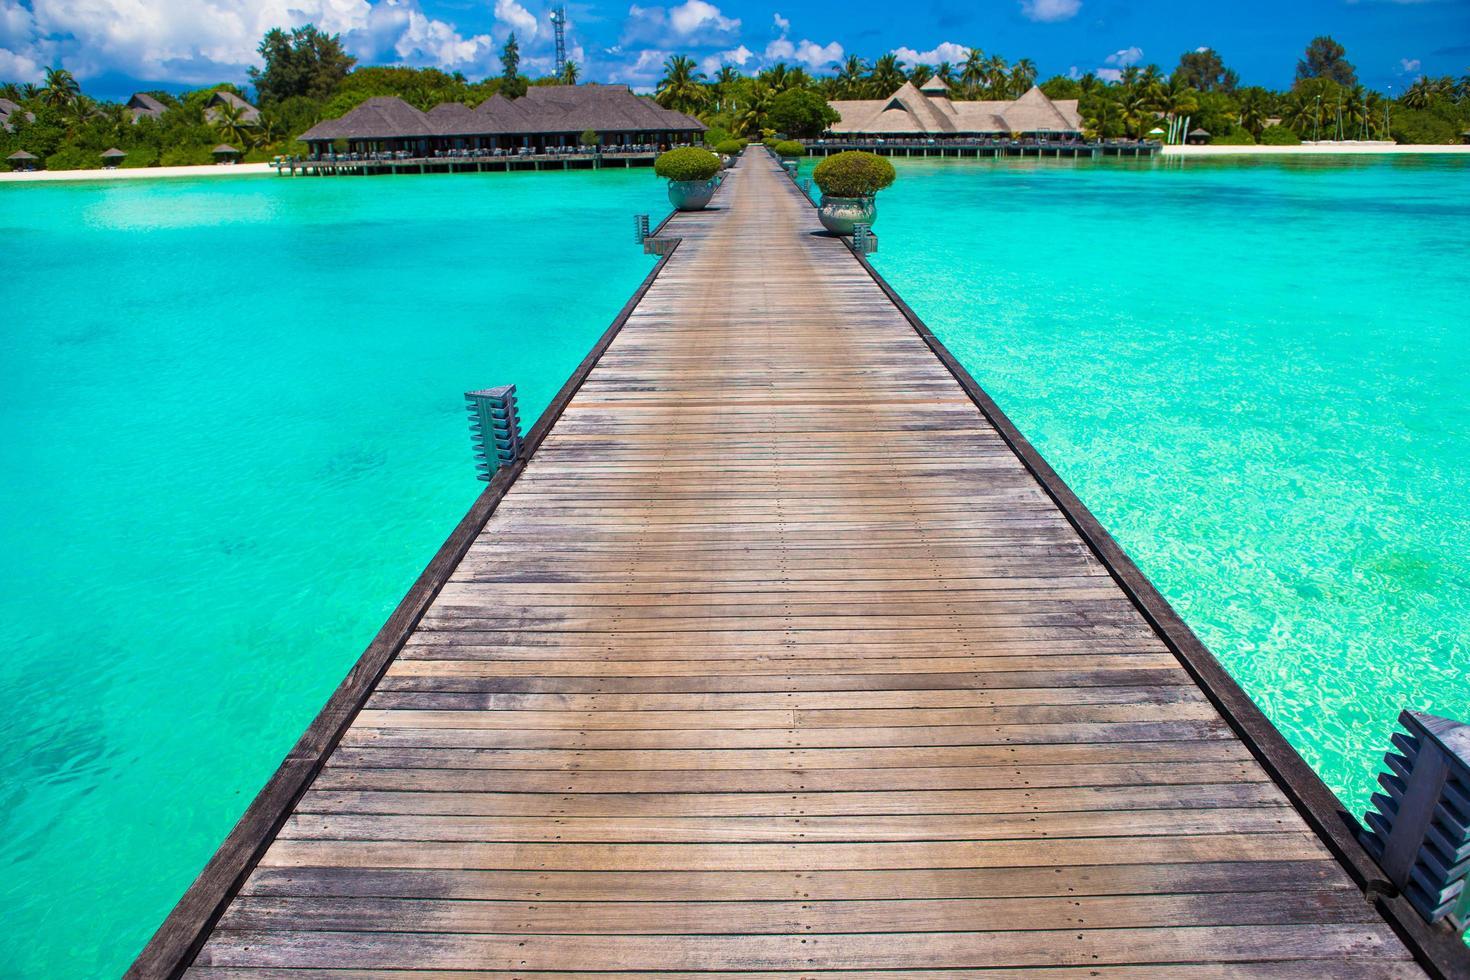 Maldivas, Asia del Sur, 2020 - muelle vacío en un resort tropical foto